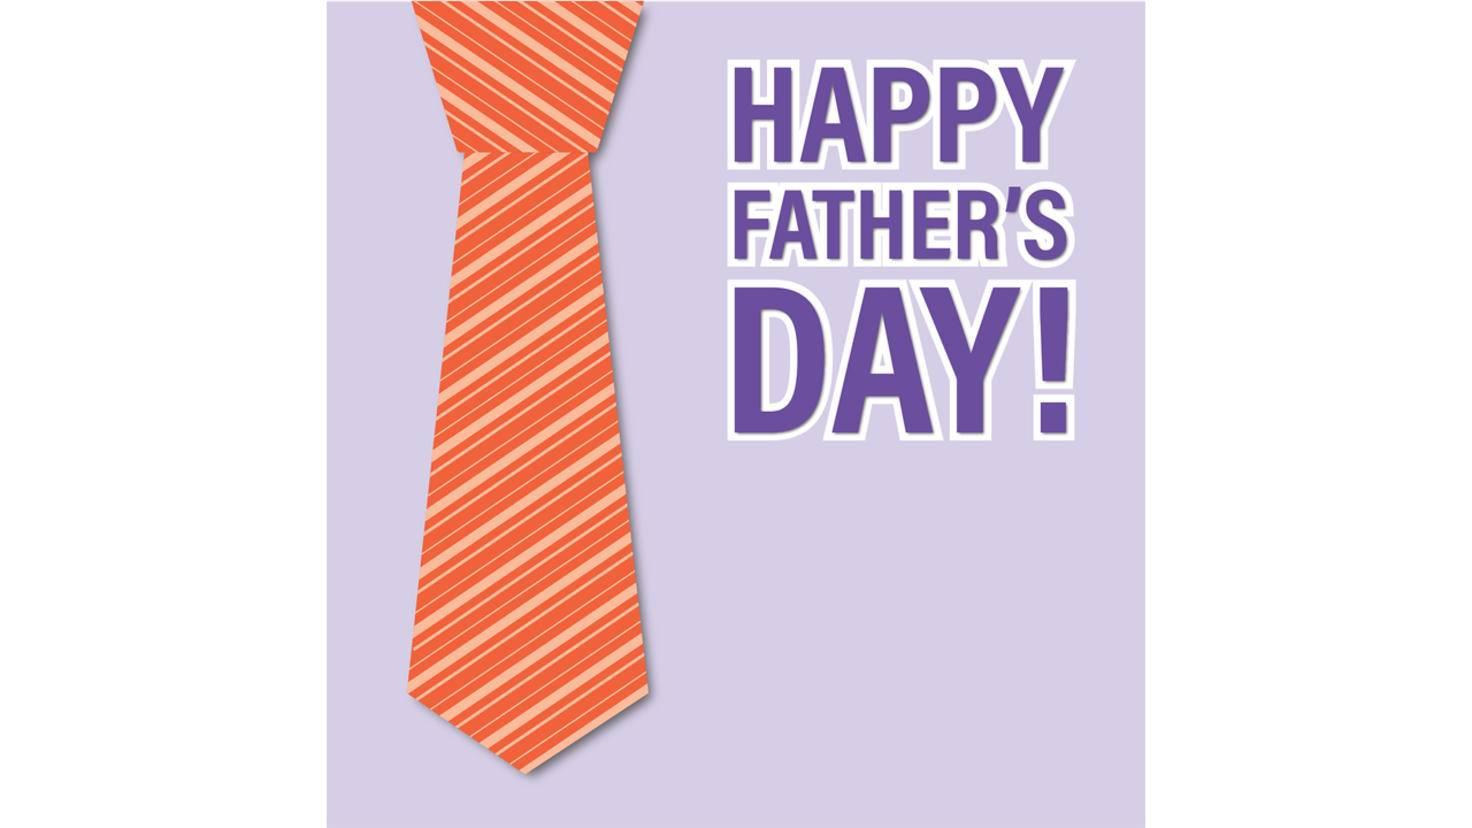 Zum Vater- bzw. Männertag gibt es unendlich viele passende Bilder.